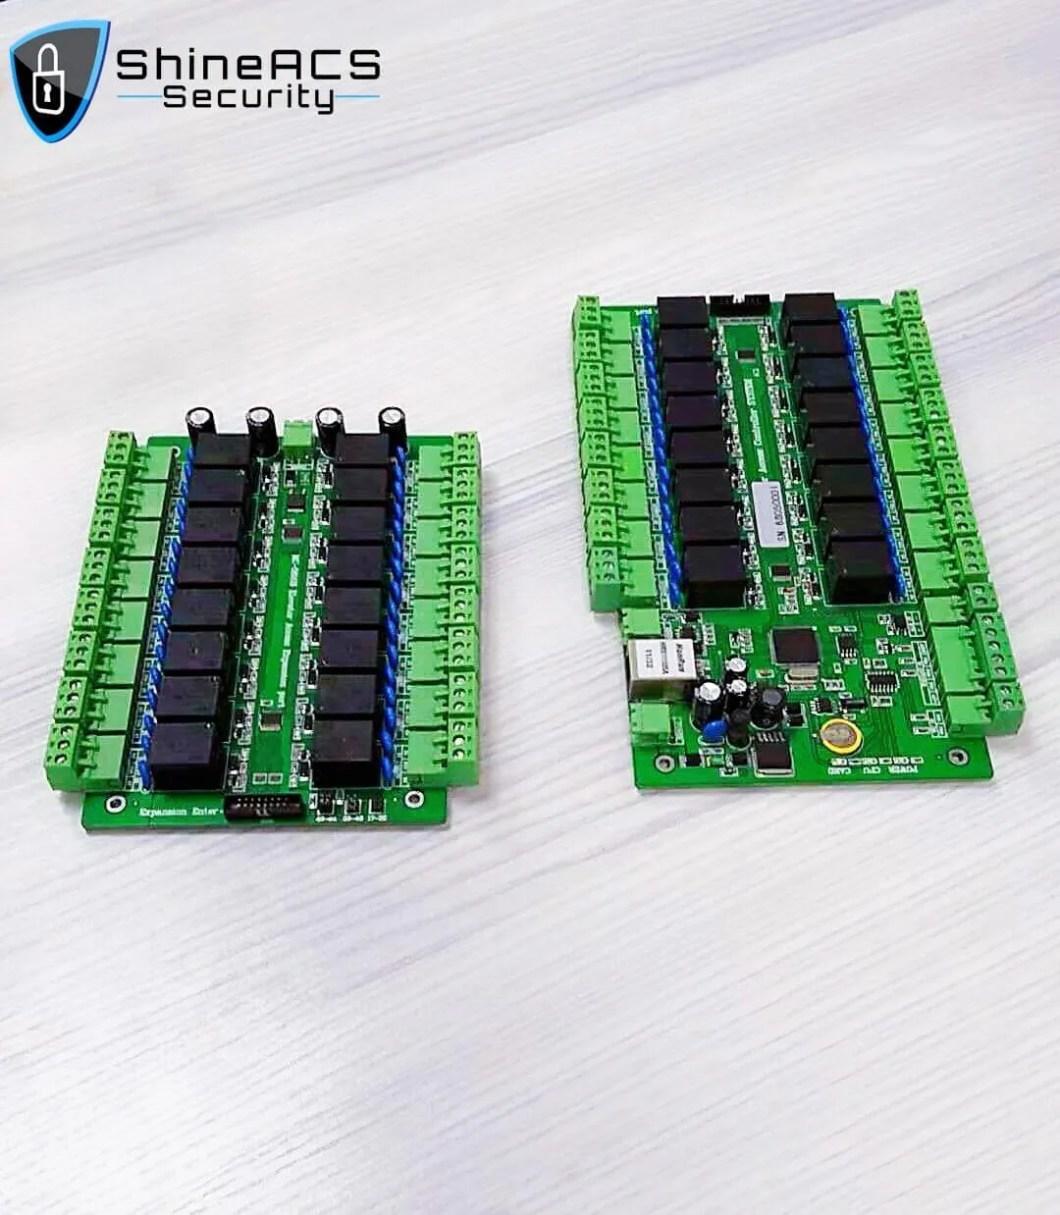 SA F16 16 Zemin Asansör Kumanda Uzatılmış 2 - ShineACS Geçiş Kontrol Ürünleri